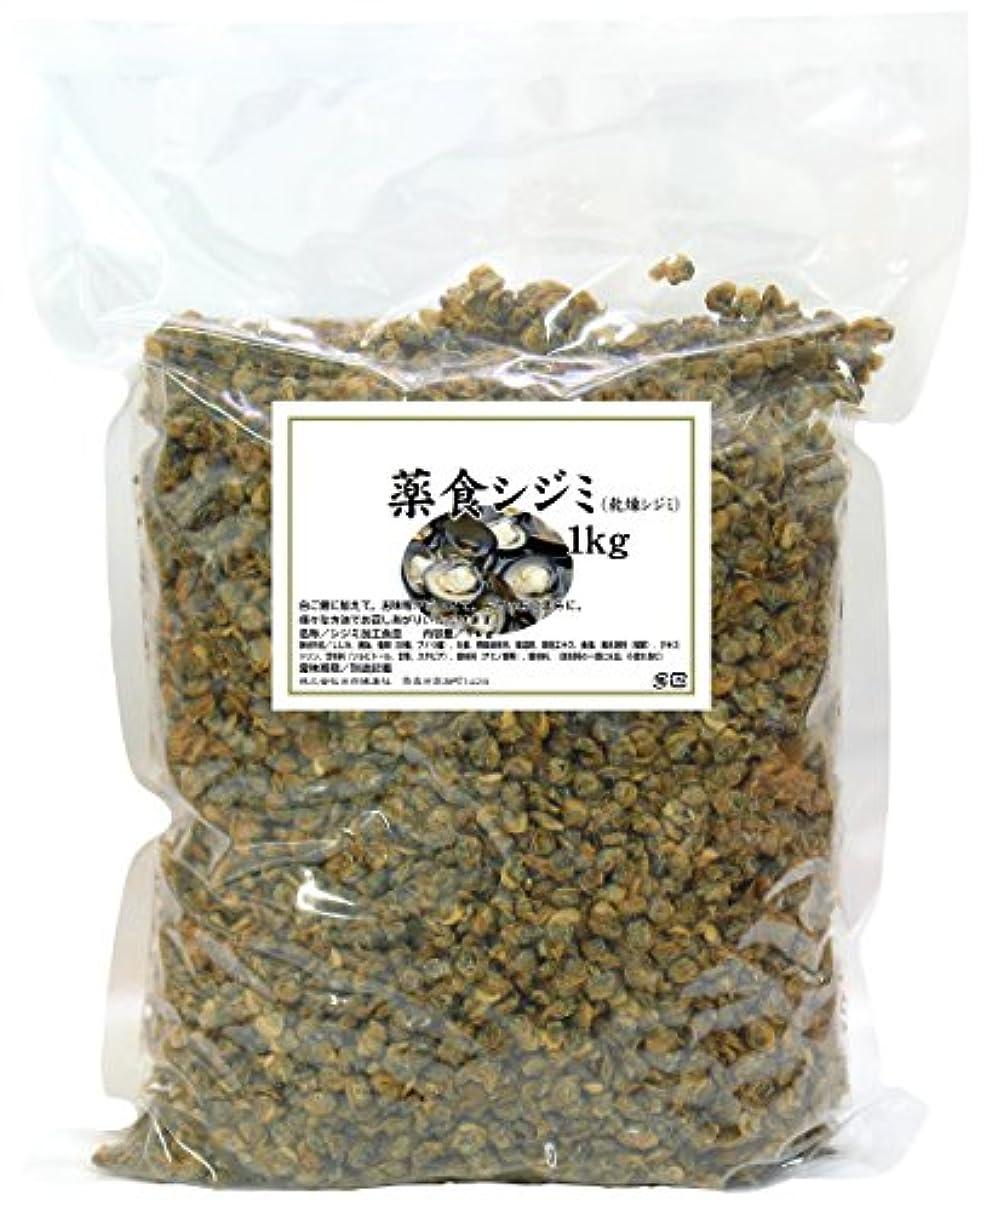 ビバコスチューム忠実に乾燥シジミ1kg タウリン オルニチン 自然食品